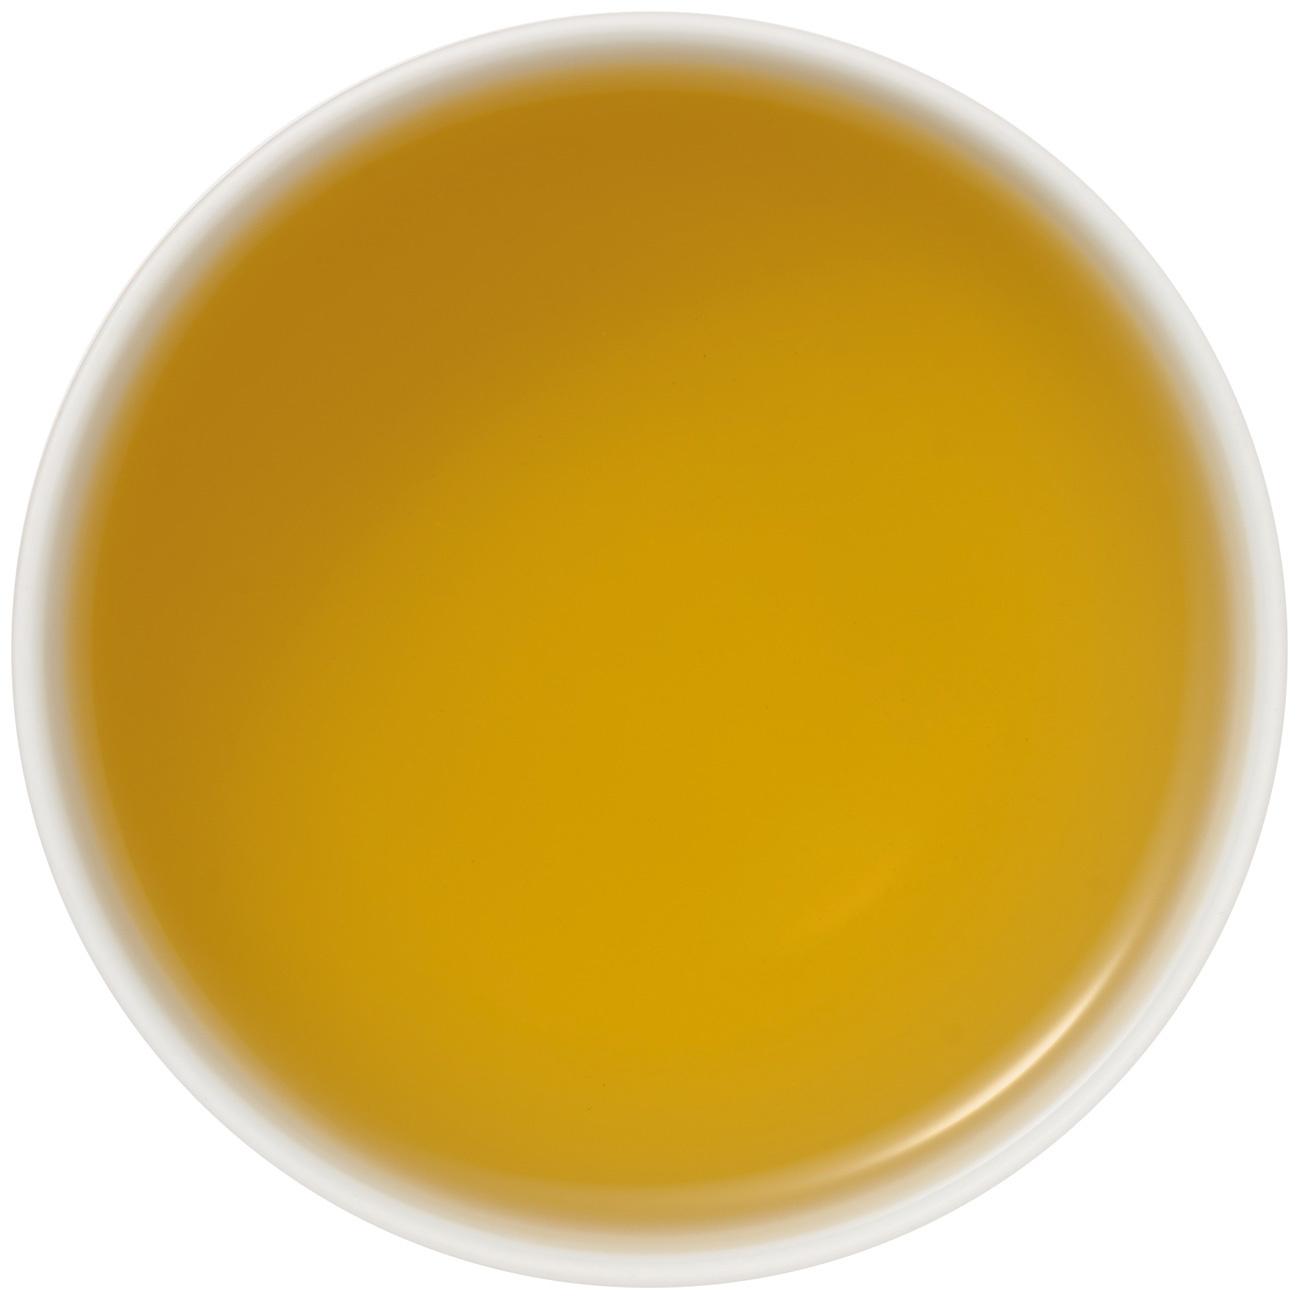 Mangoline-3